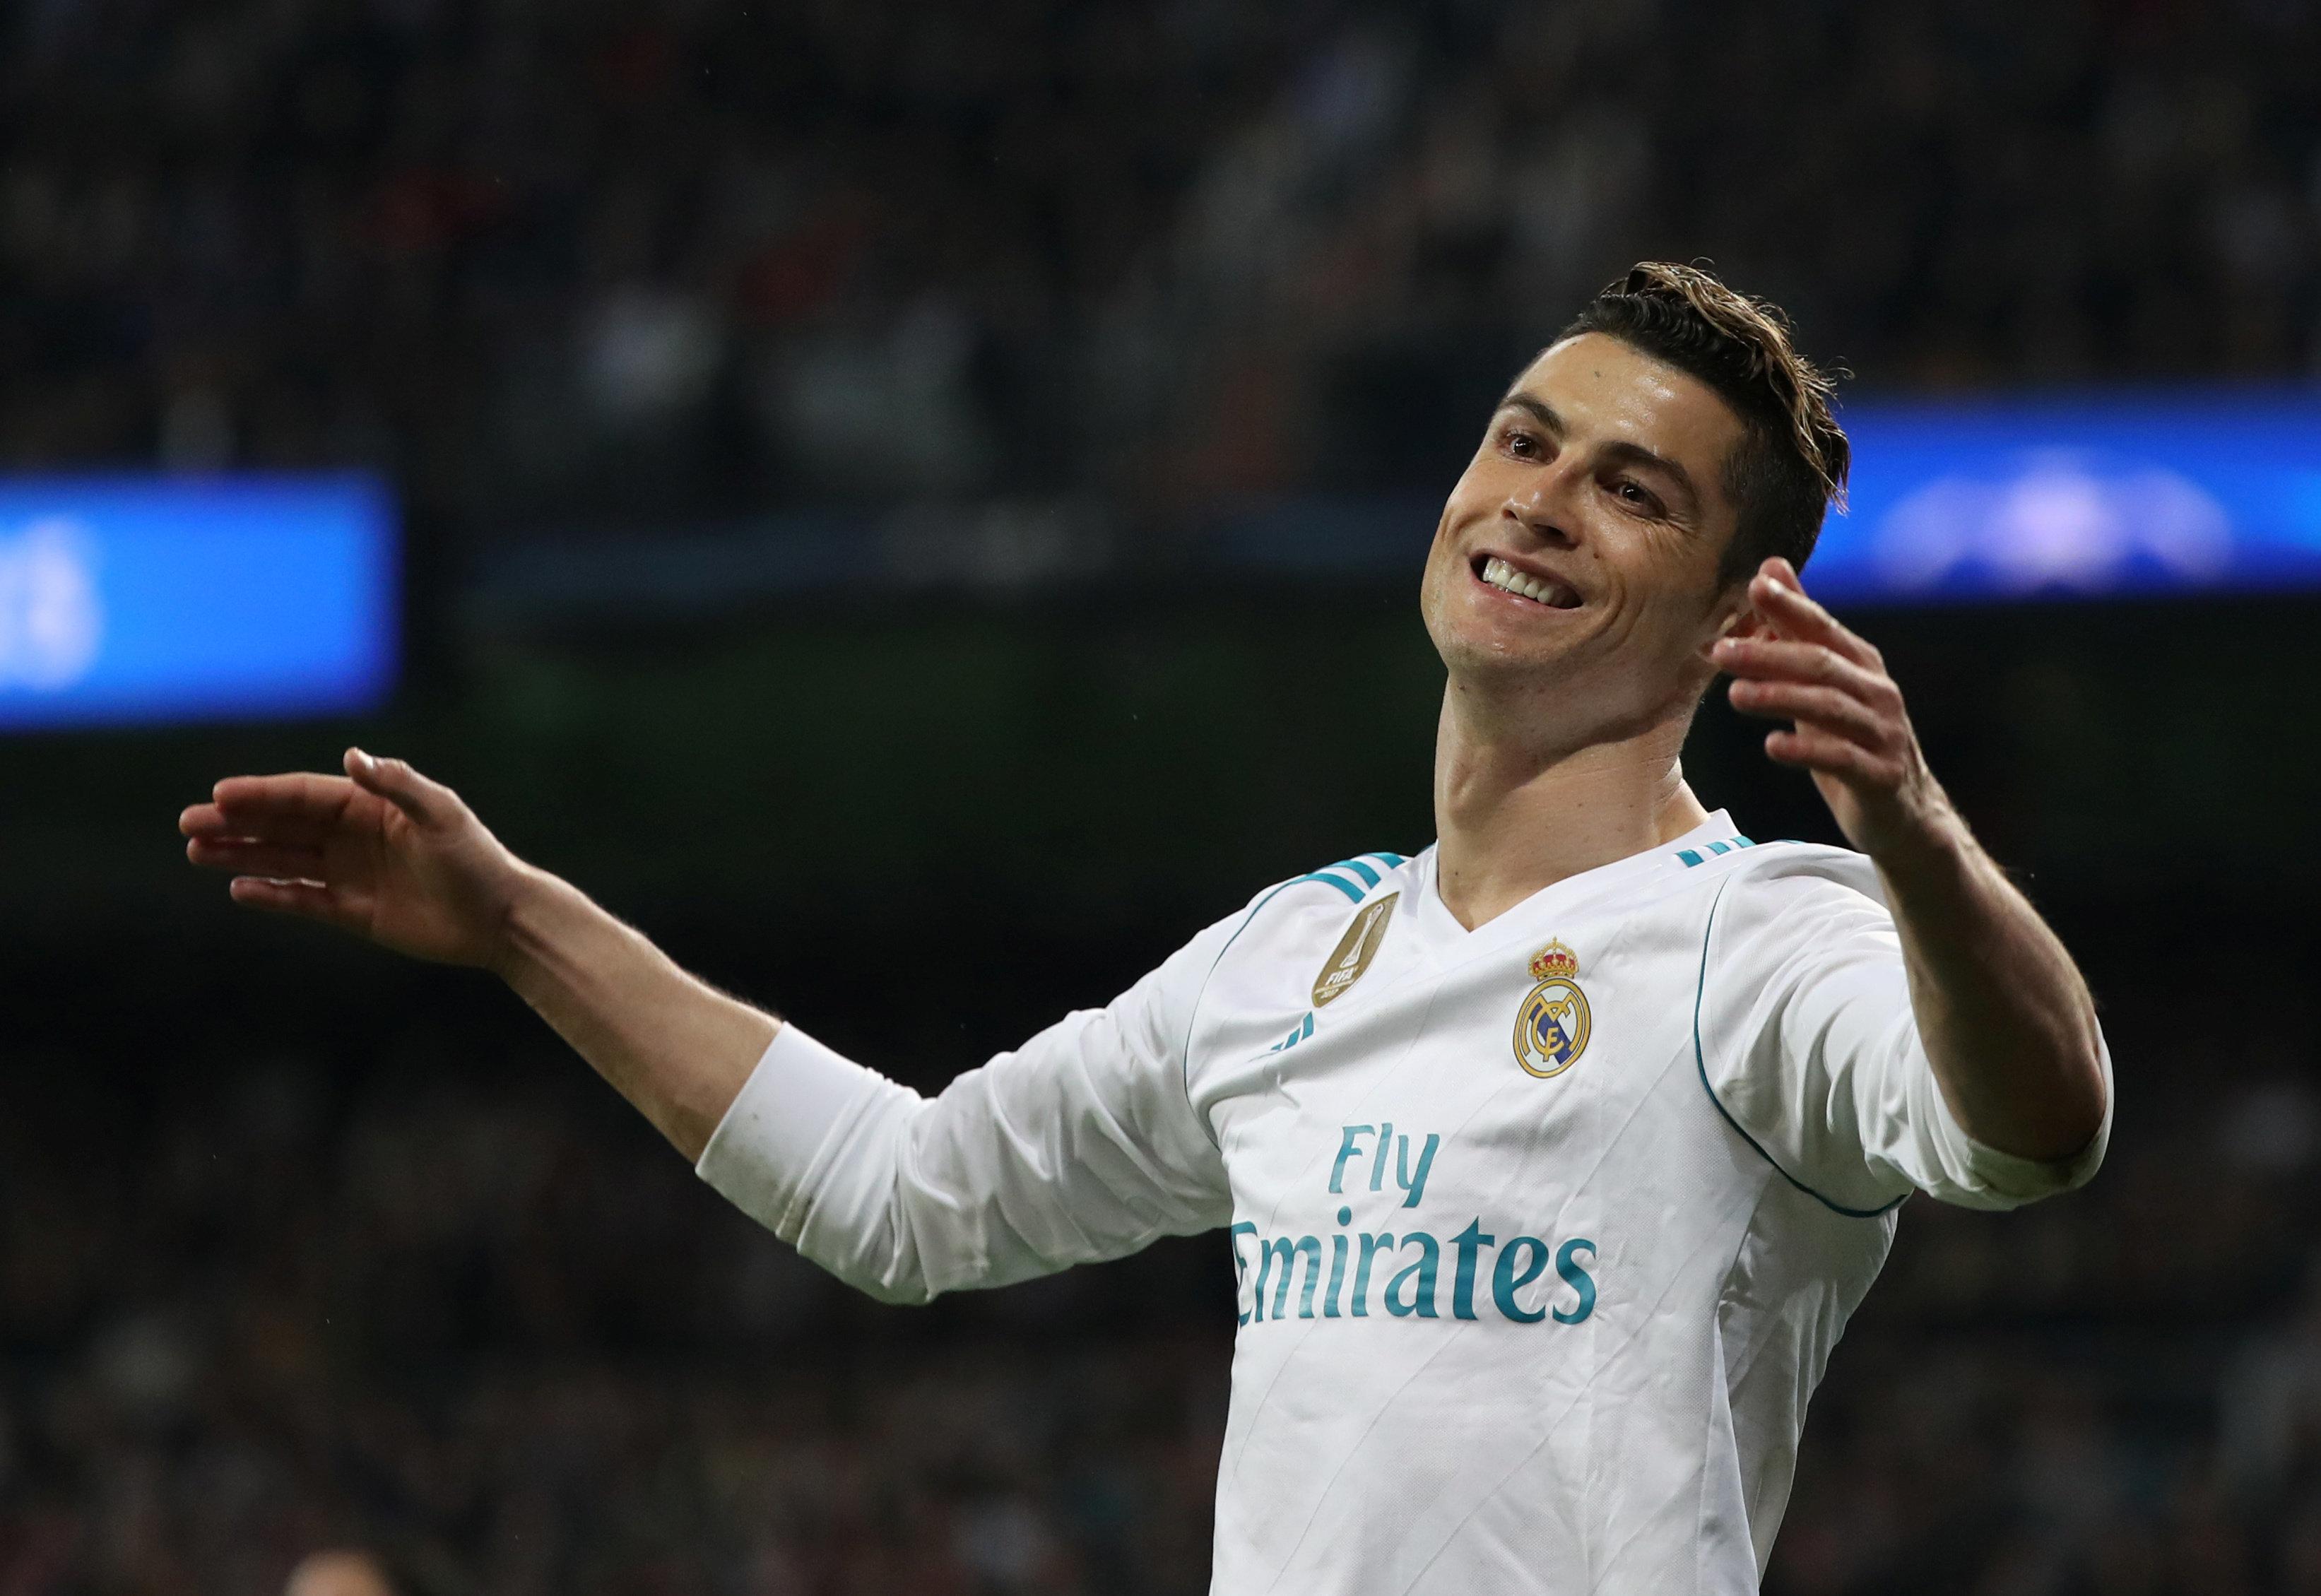 Αξιόλογος ο αποχαιρετισμός του Cristiano Ronaldo στον